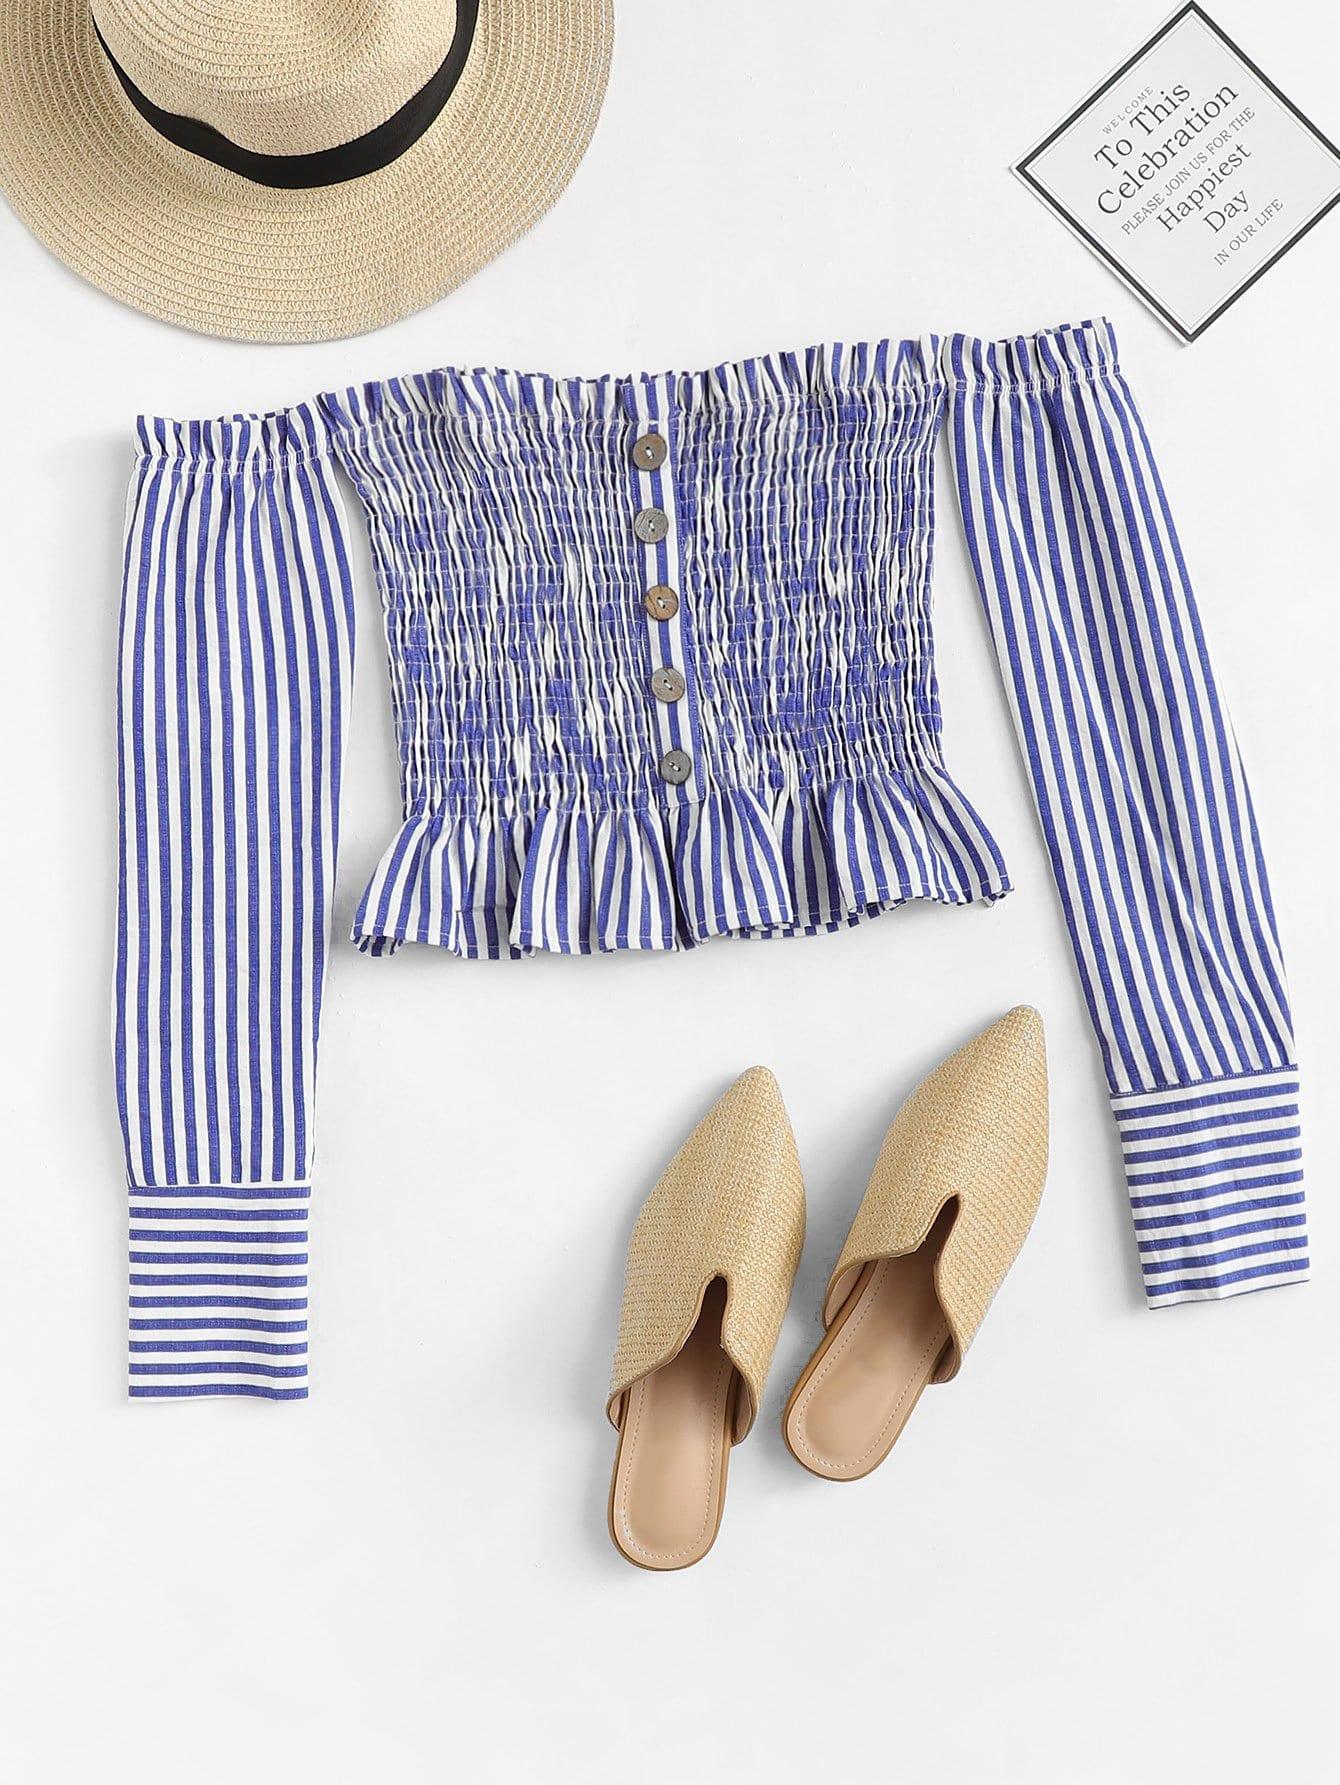 Купить Полосатая рубашка без бретелек и подол с розеткой, null, SheIn